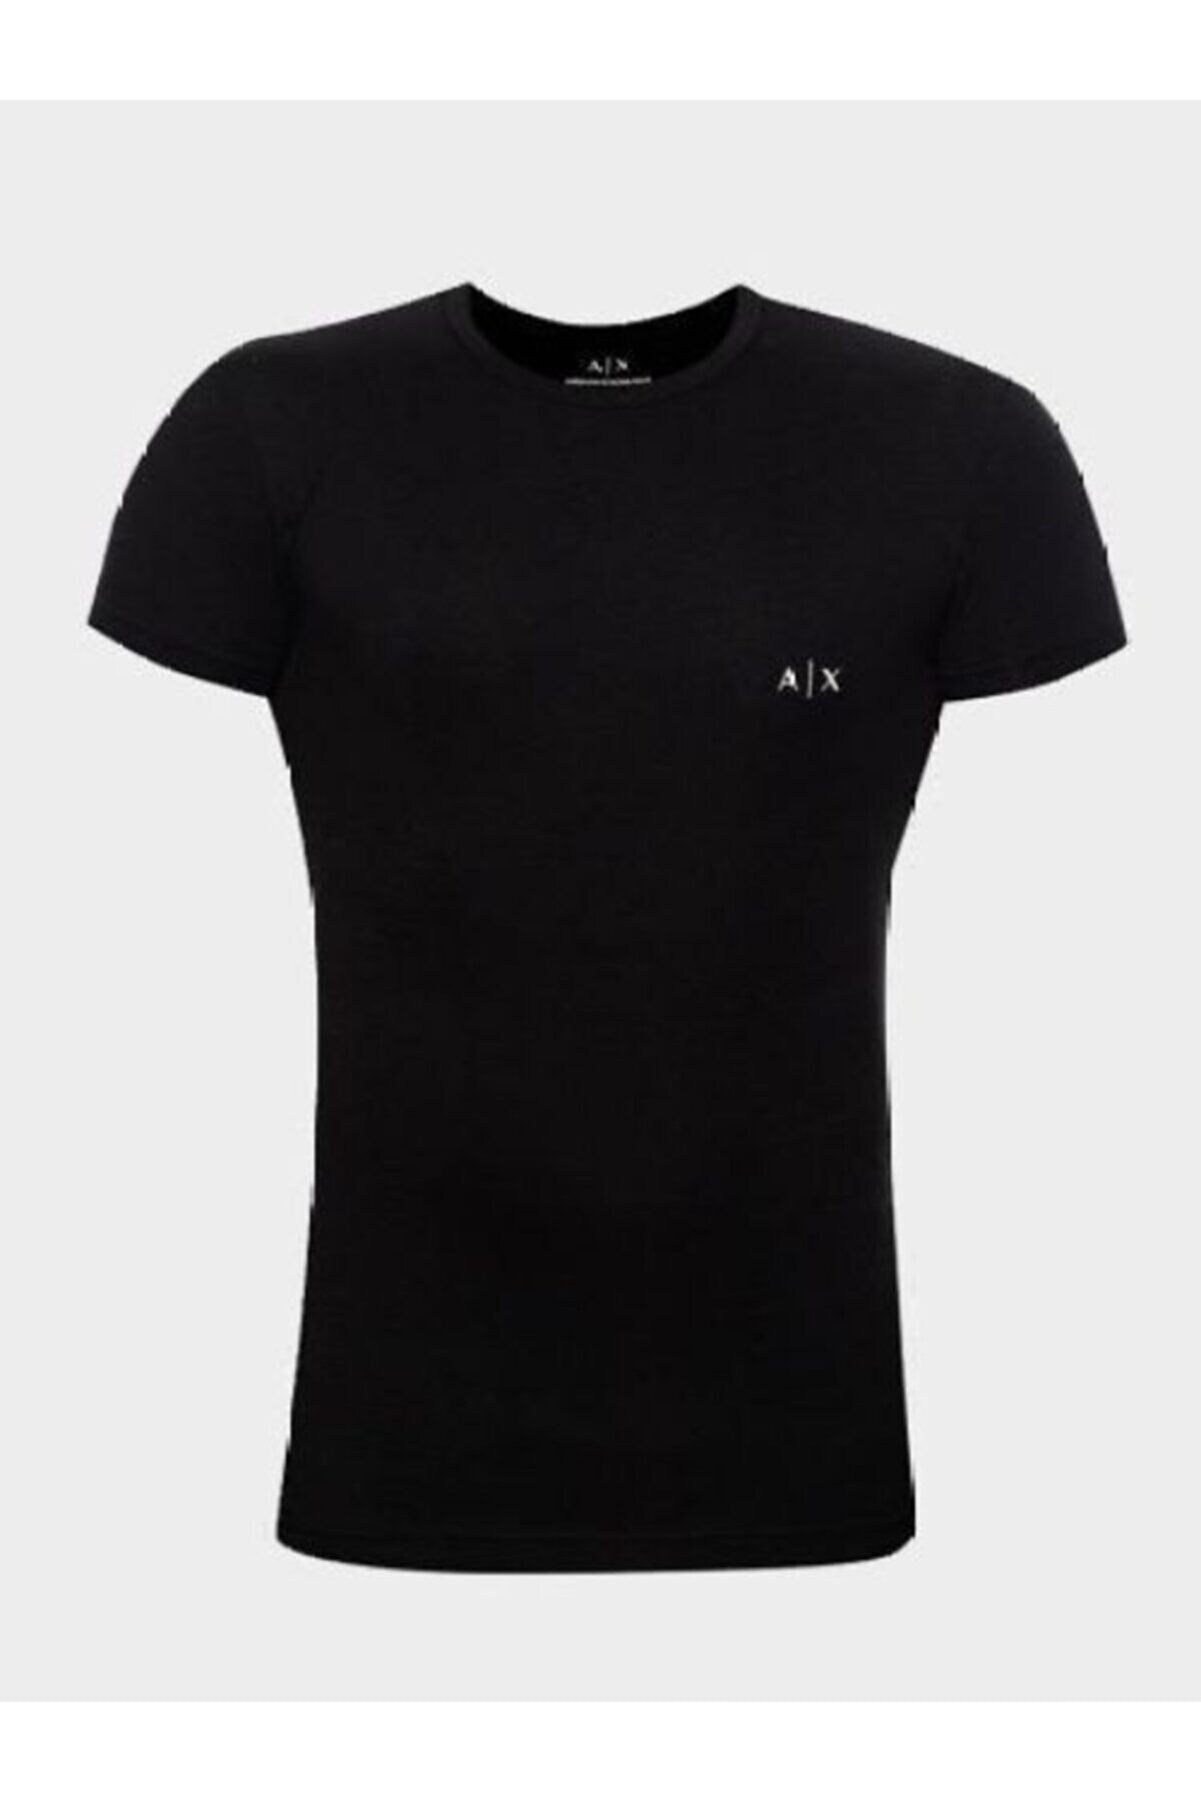 Armani Exchange Erkek Siyah T-shirt